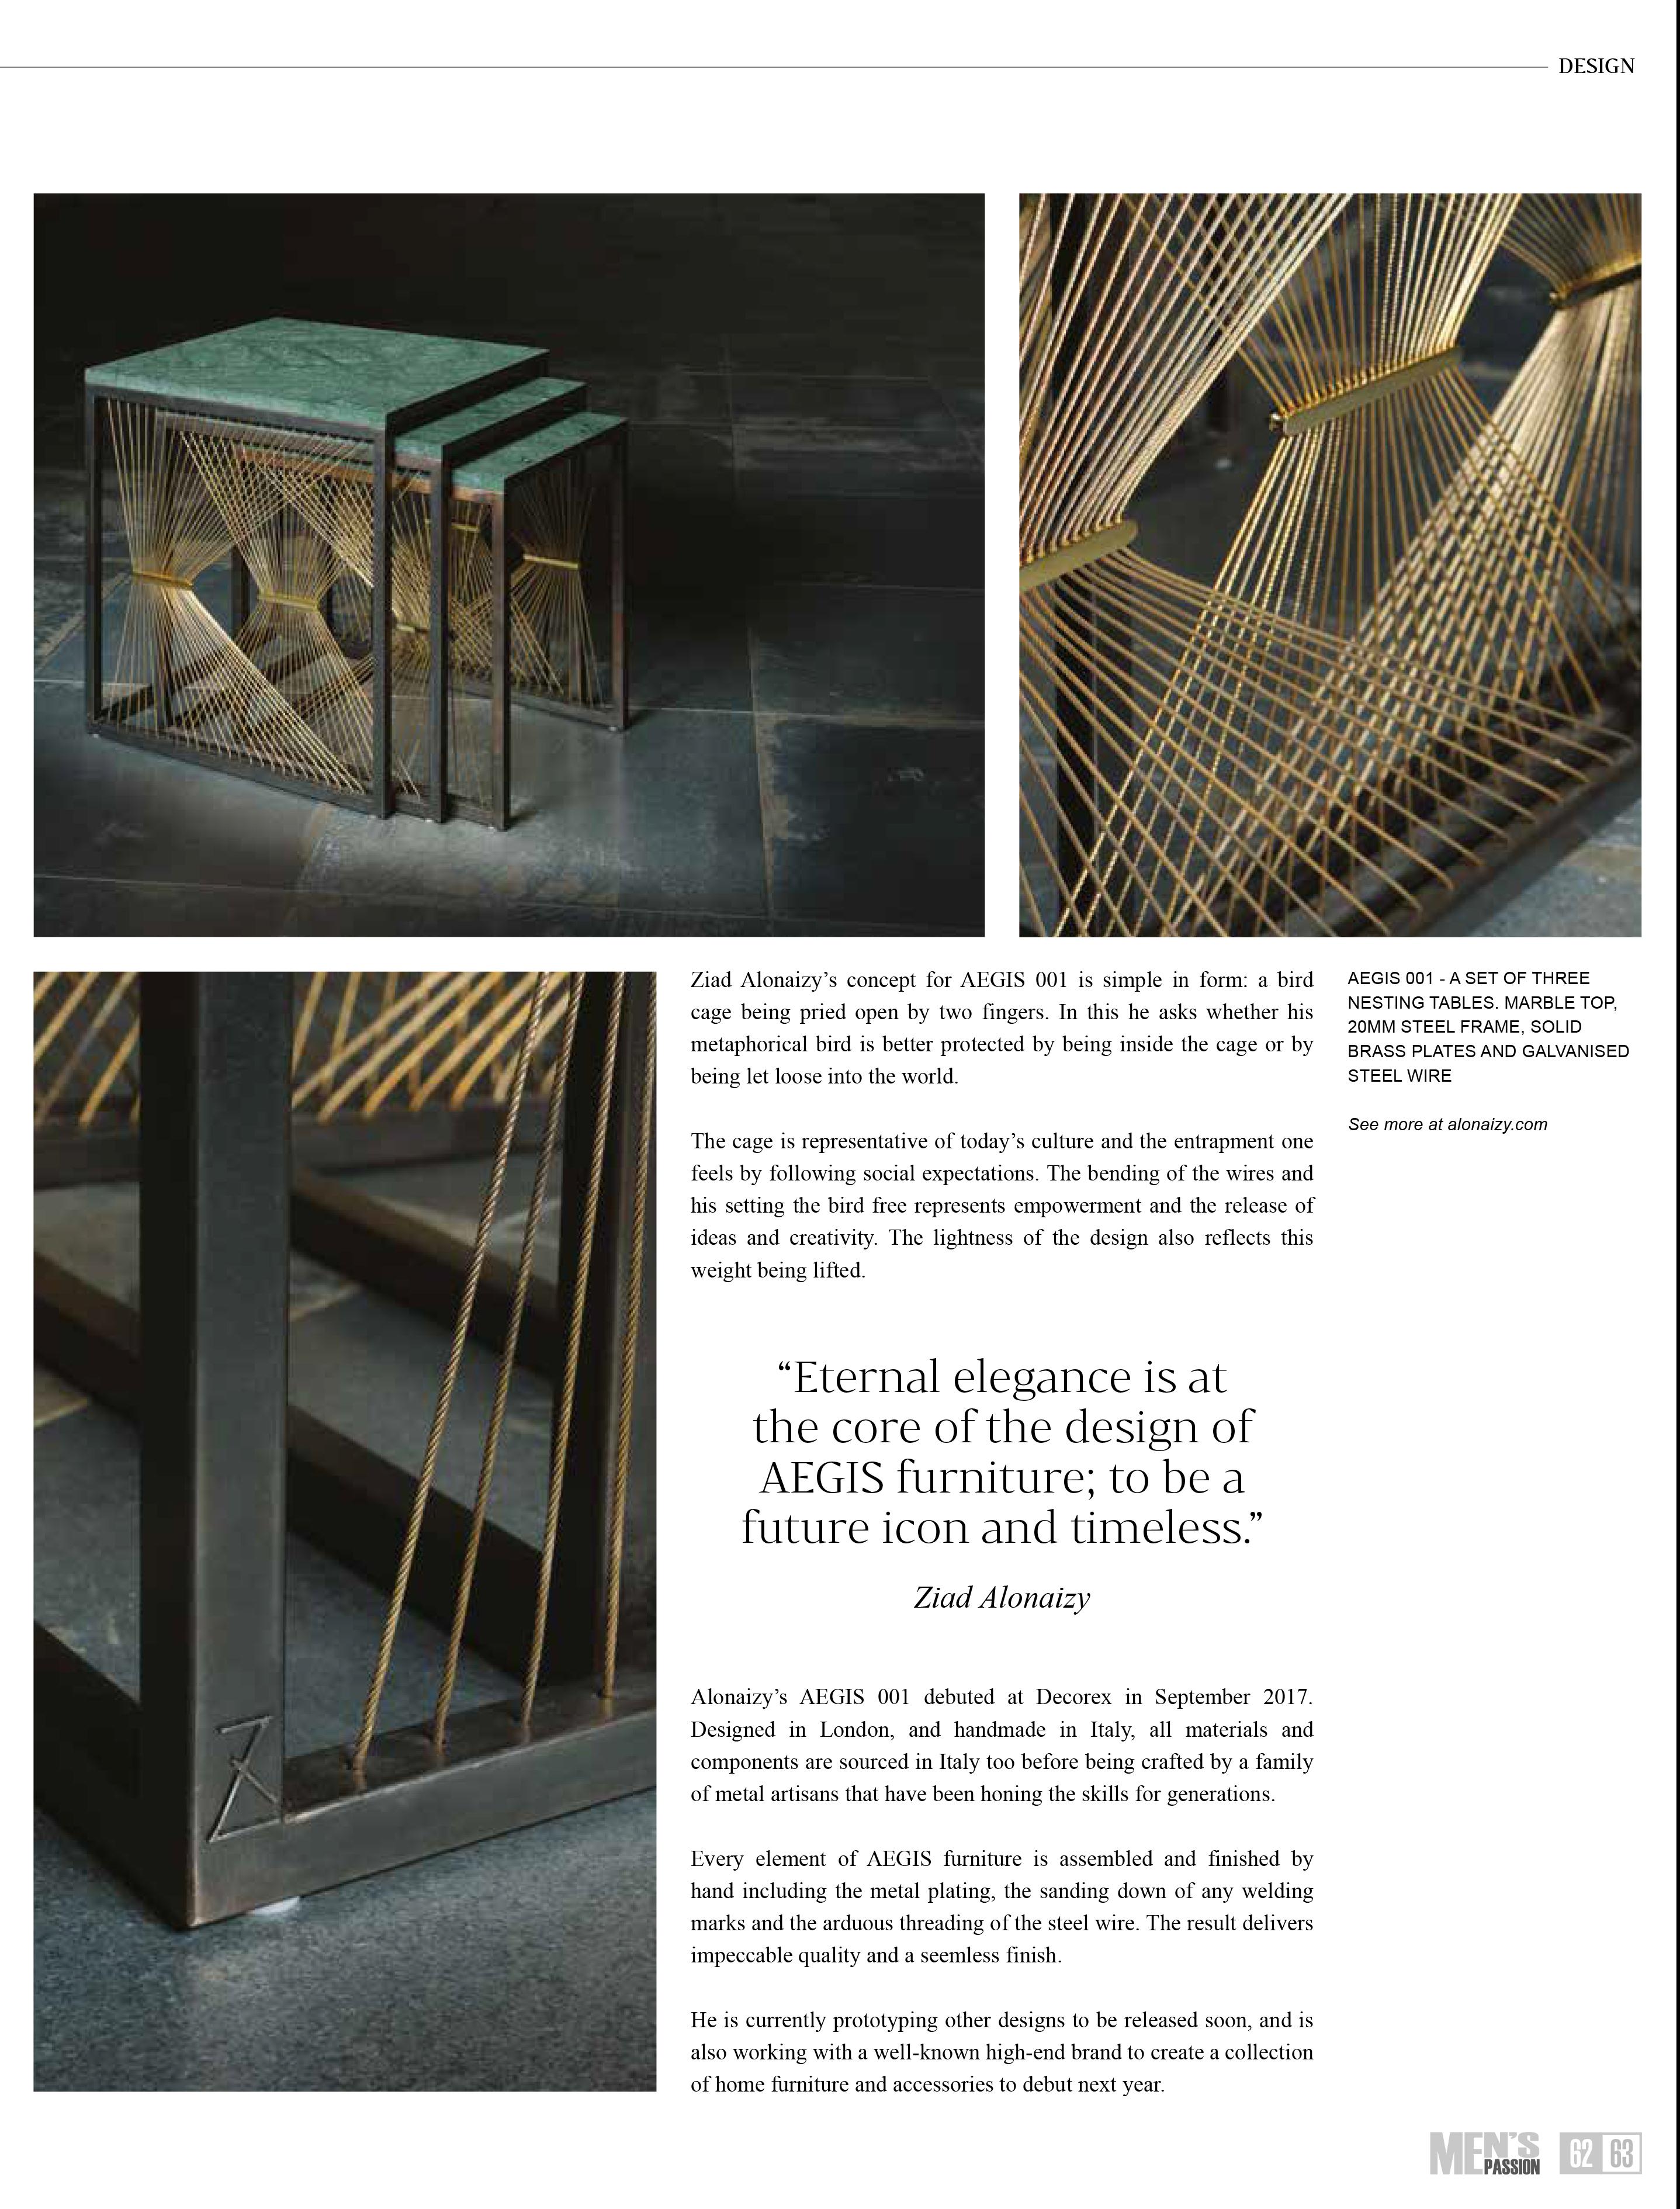 Artigianato design in metallo - Lamberti e la collezione Aegis di Ziad Alonaizy